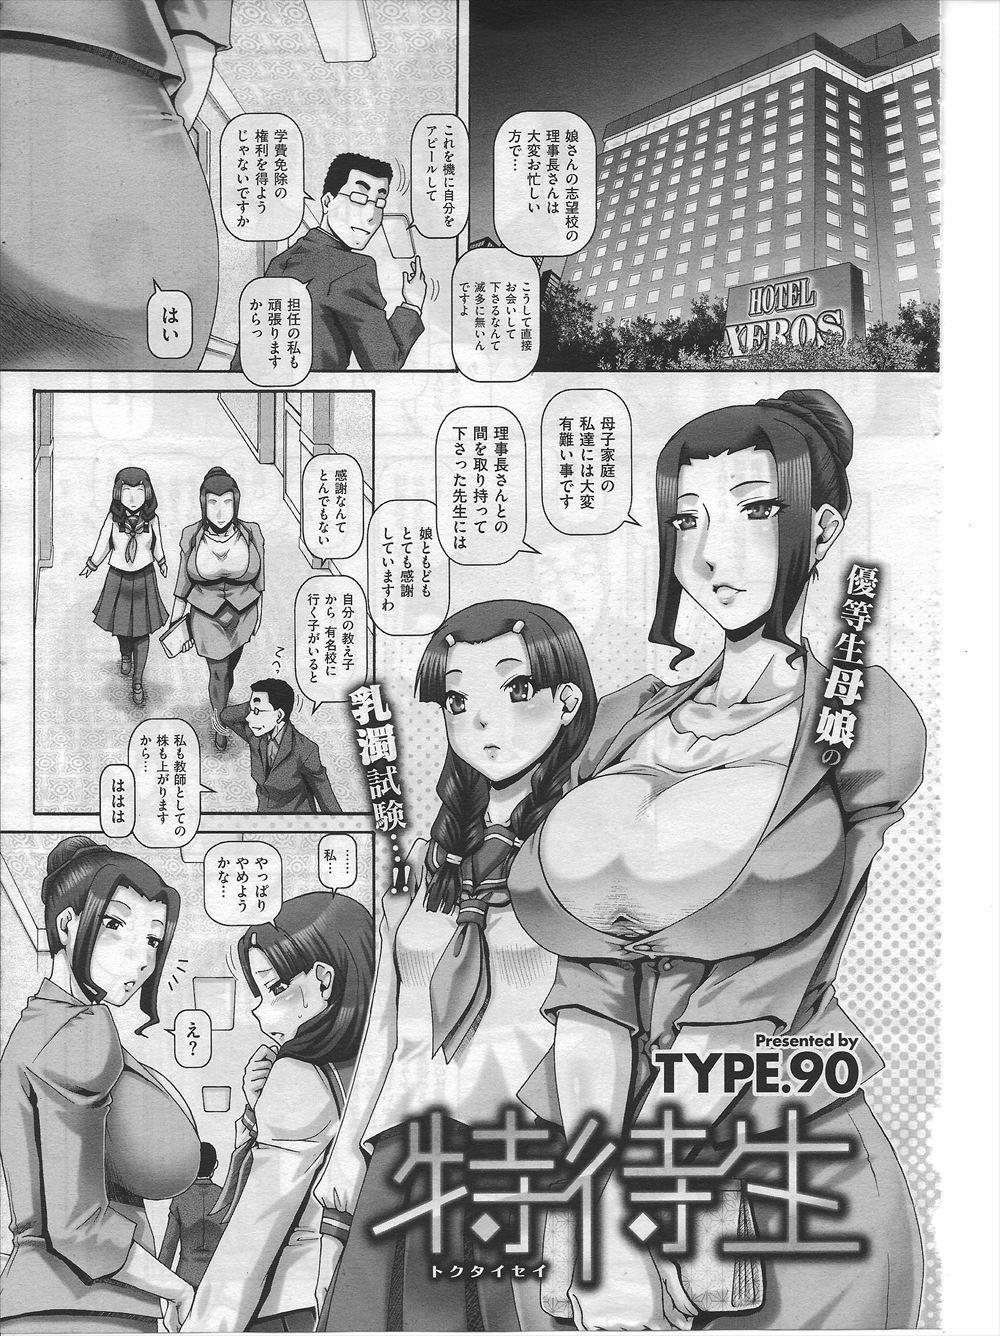 【エロ漫画】優等生母娘が特待生入学のために身体を差出しちゃう!【TYPE.90 エロ同人】